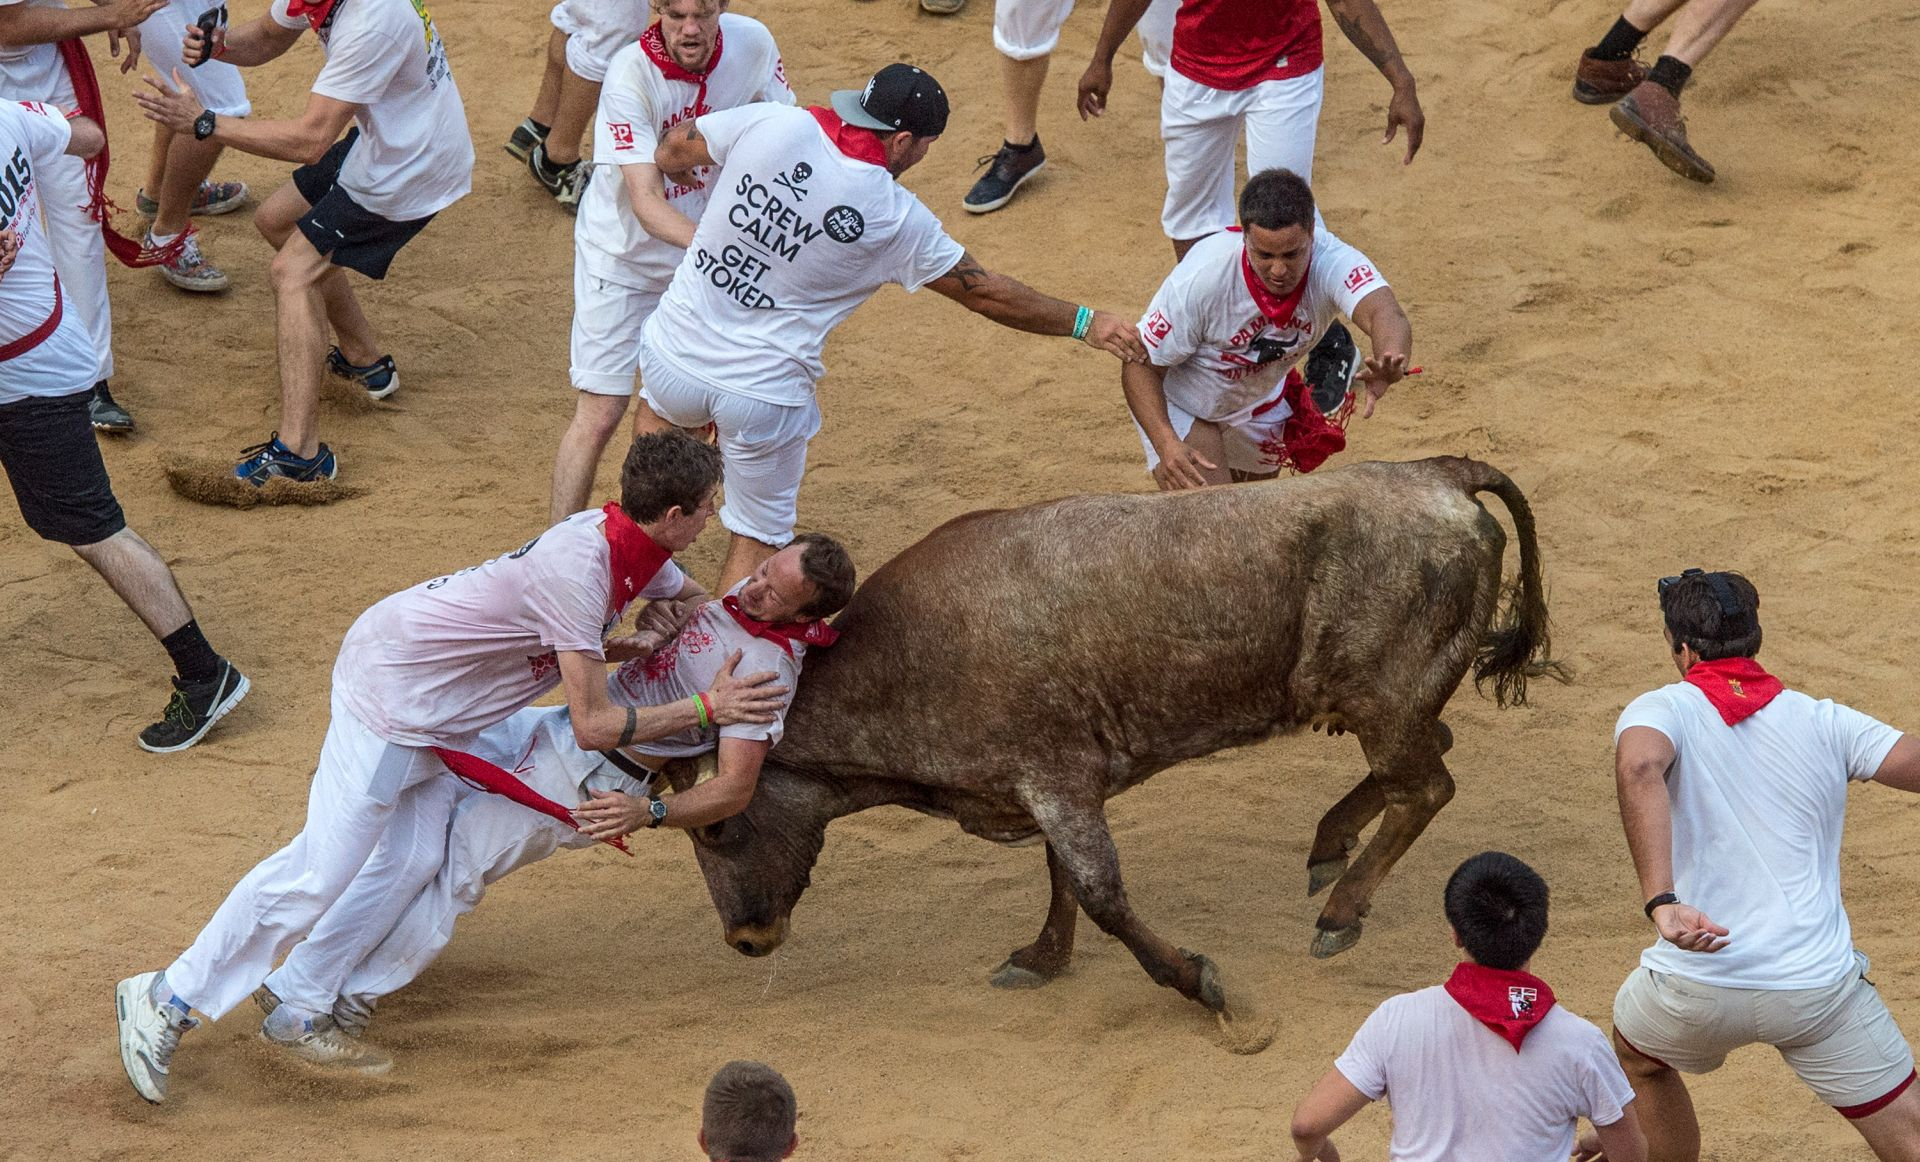 VIDEO: KRV NA ULICAMA Trojicu proboli bikovi na početku festivala u Pamploni